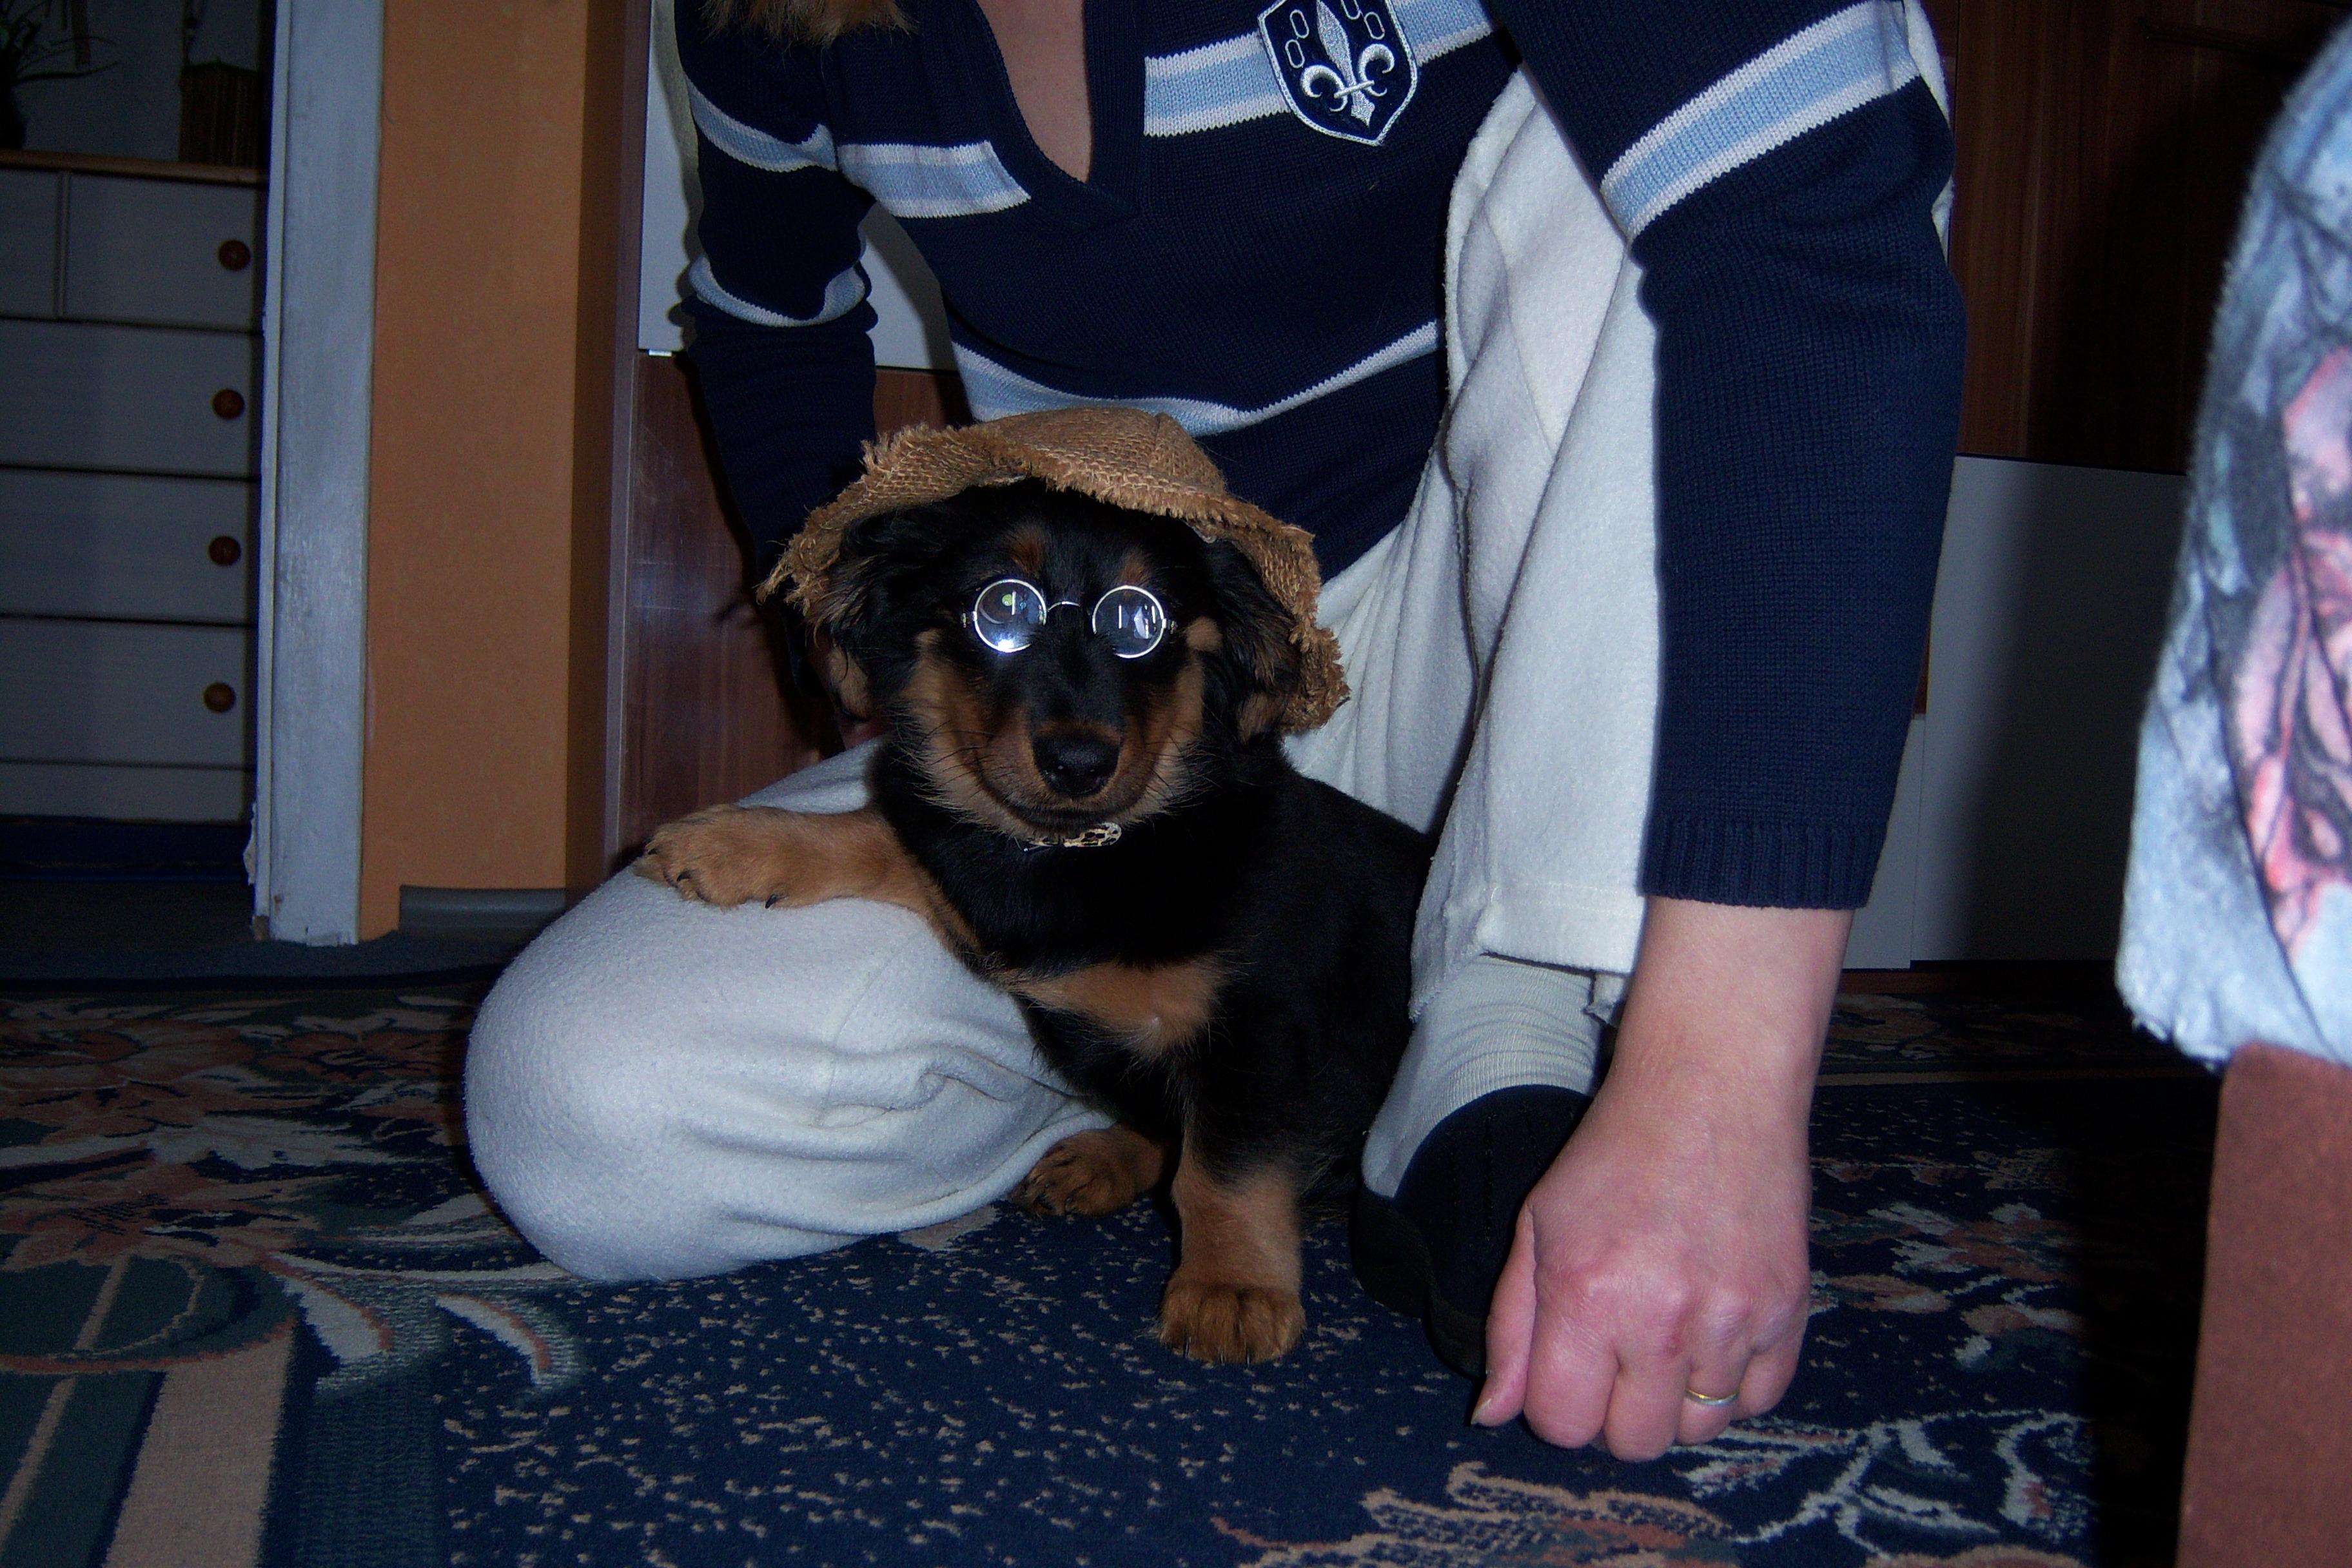 a9a53129e šteňa pes zviera roztomilý domáce zviera karneval cicavec klobúk preteky  okuliare stavovcov panel šteňatá pes ako